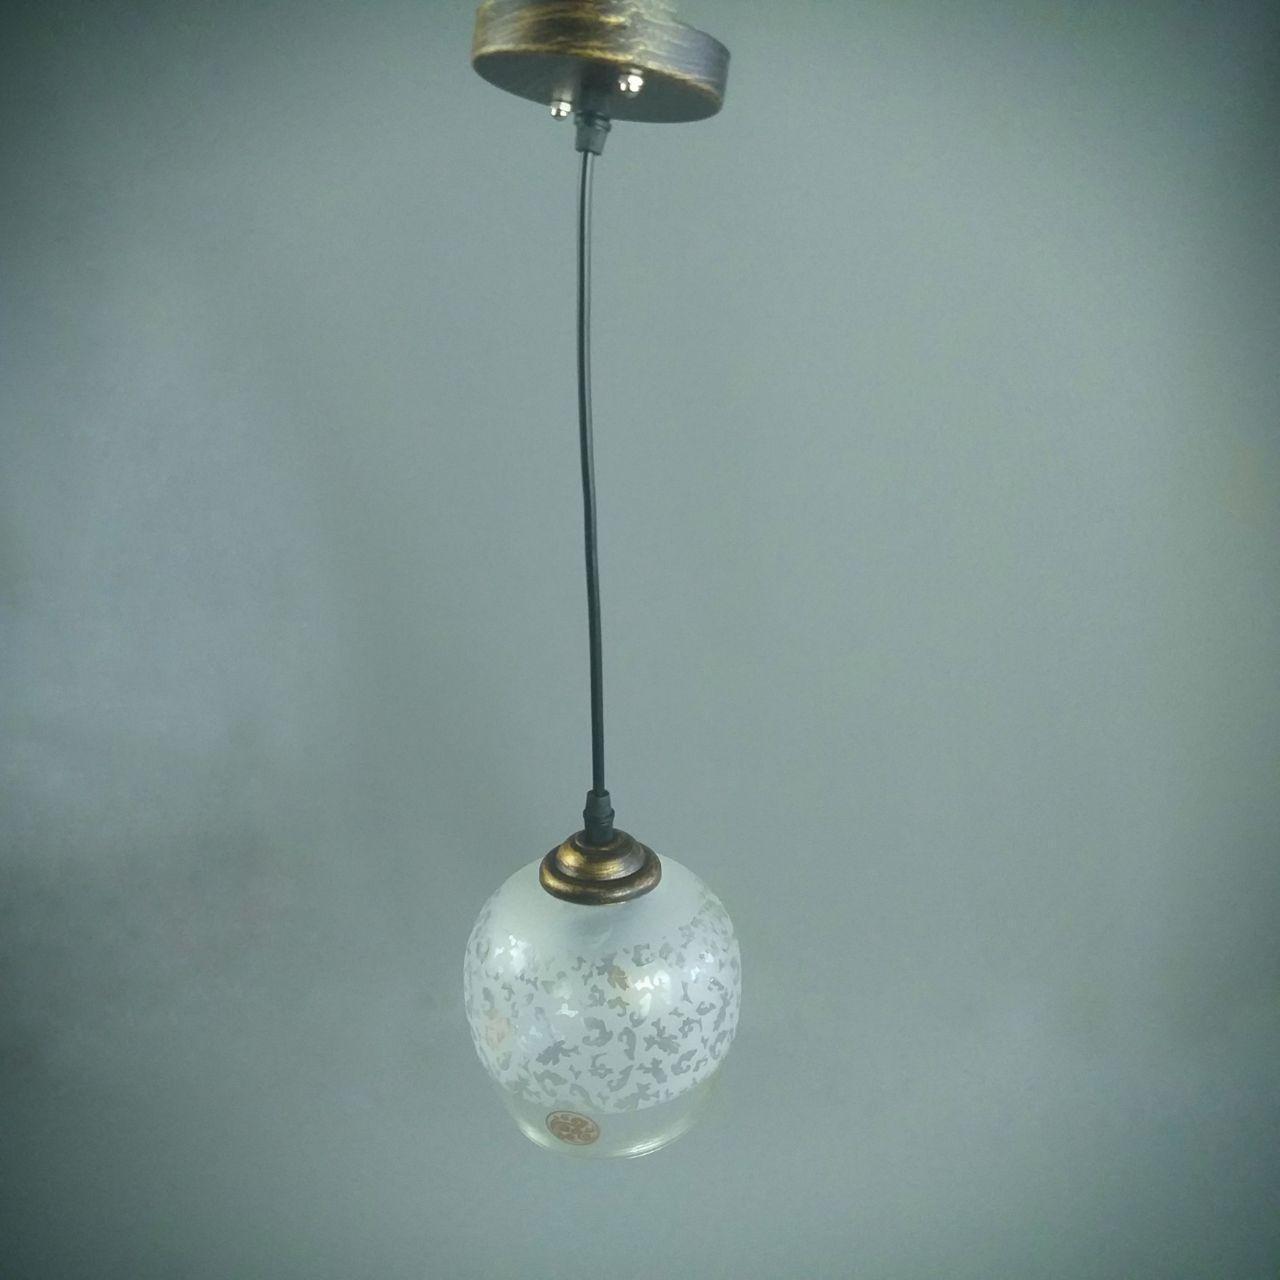 Люстра подвесная на 1 лампу подвес патина + 12397 плафон